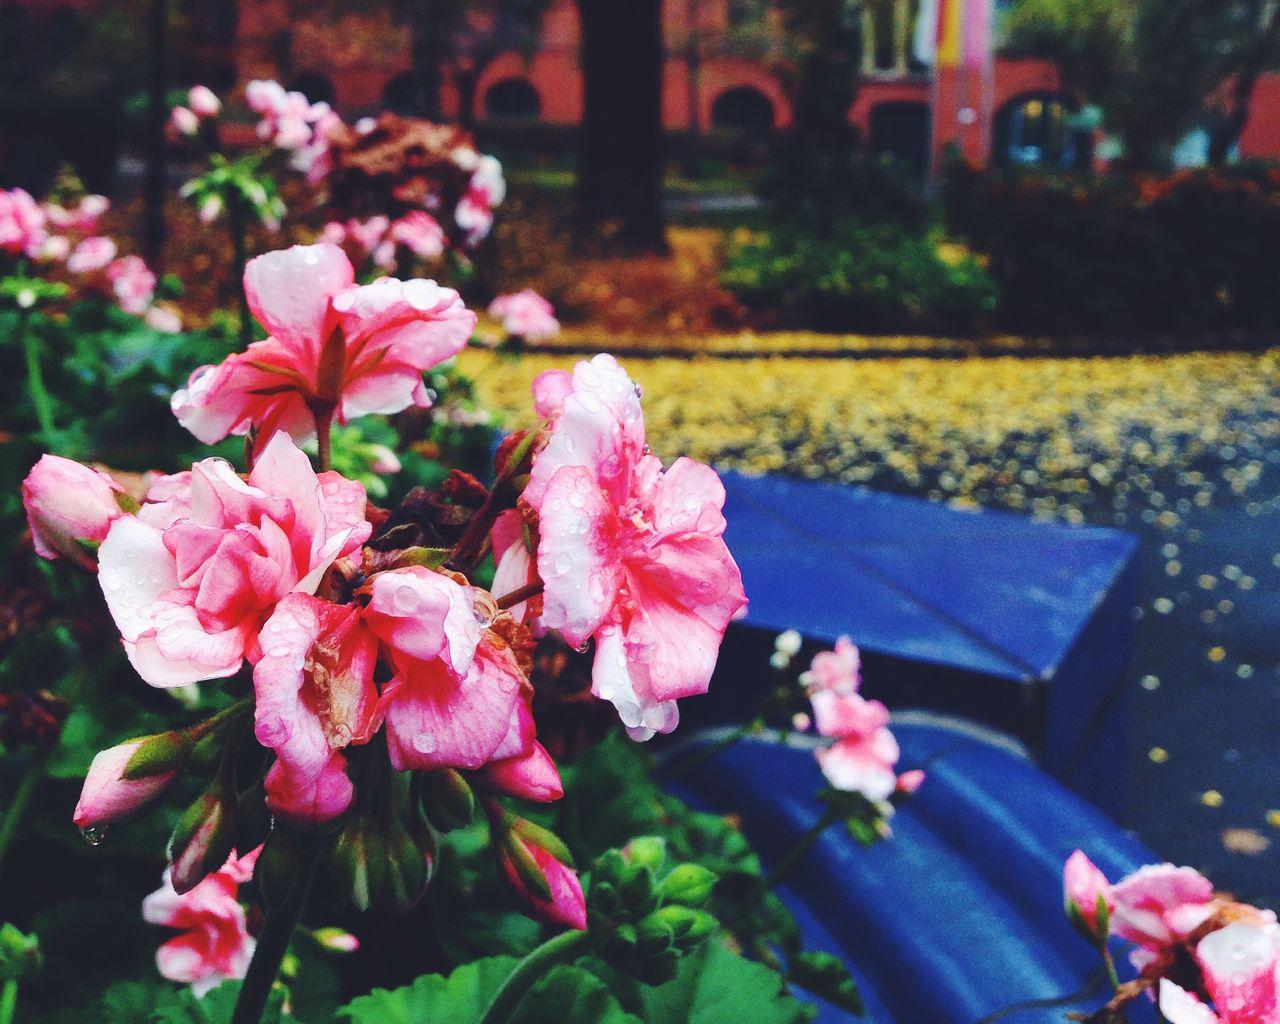 Wet pink flowers blooming in park